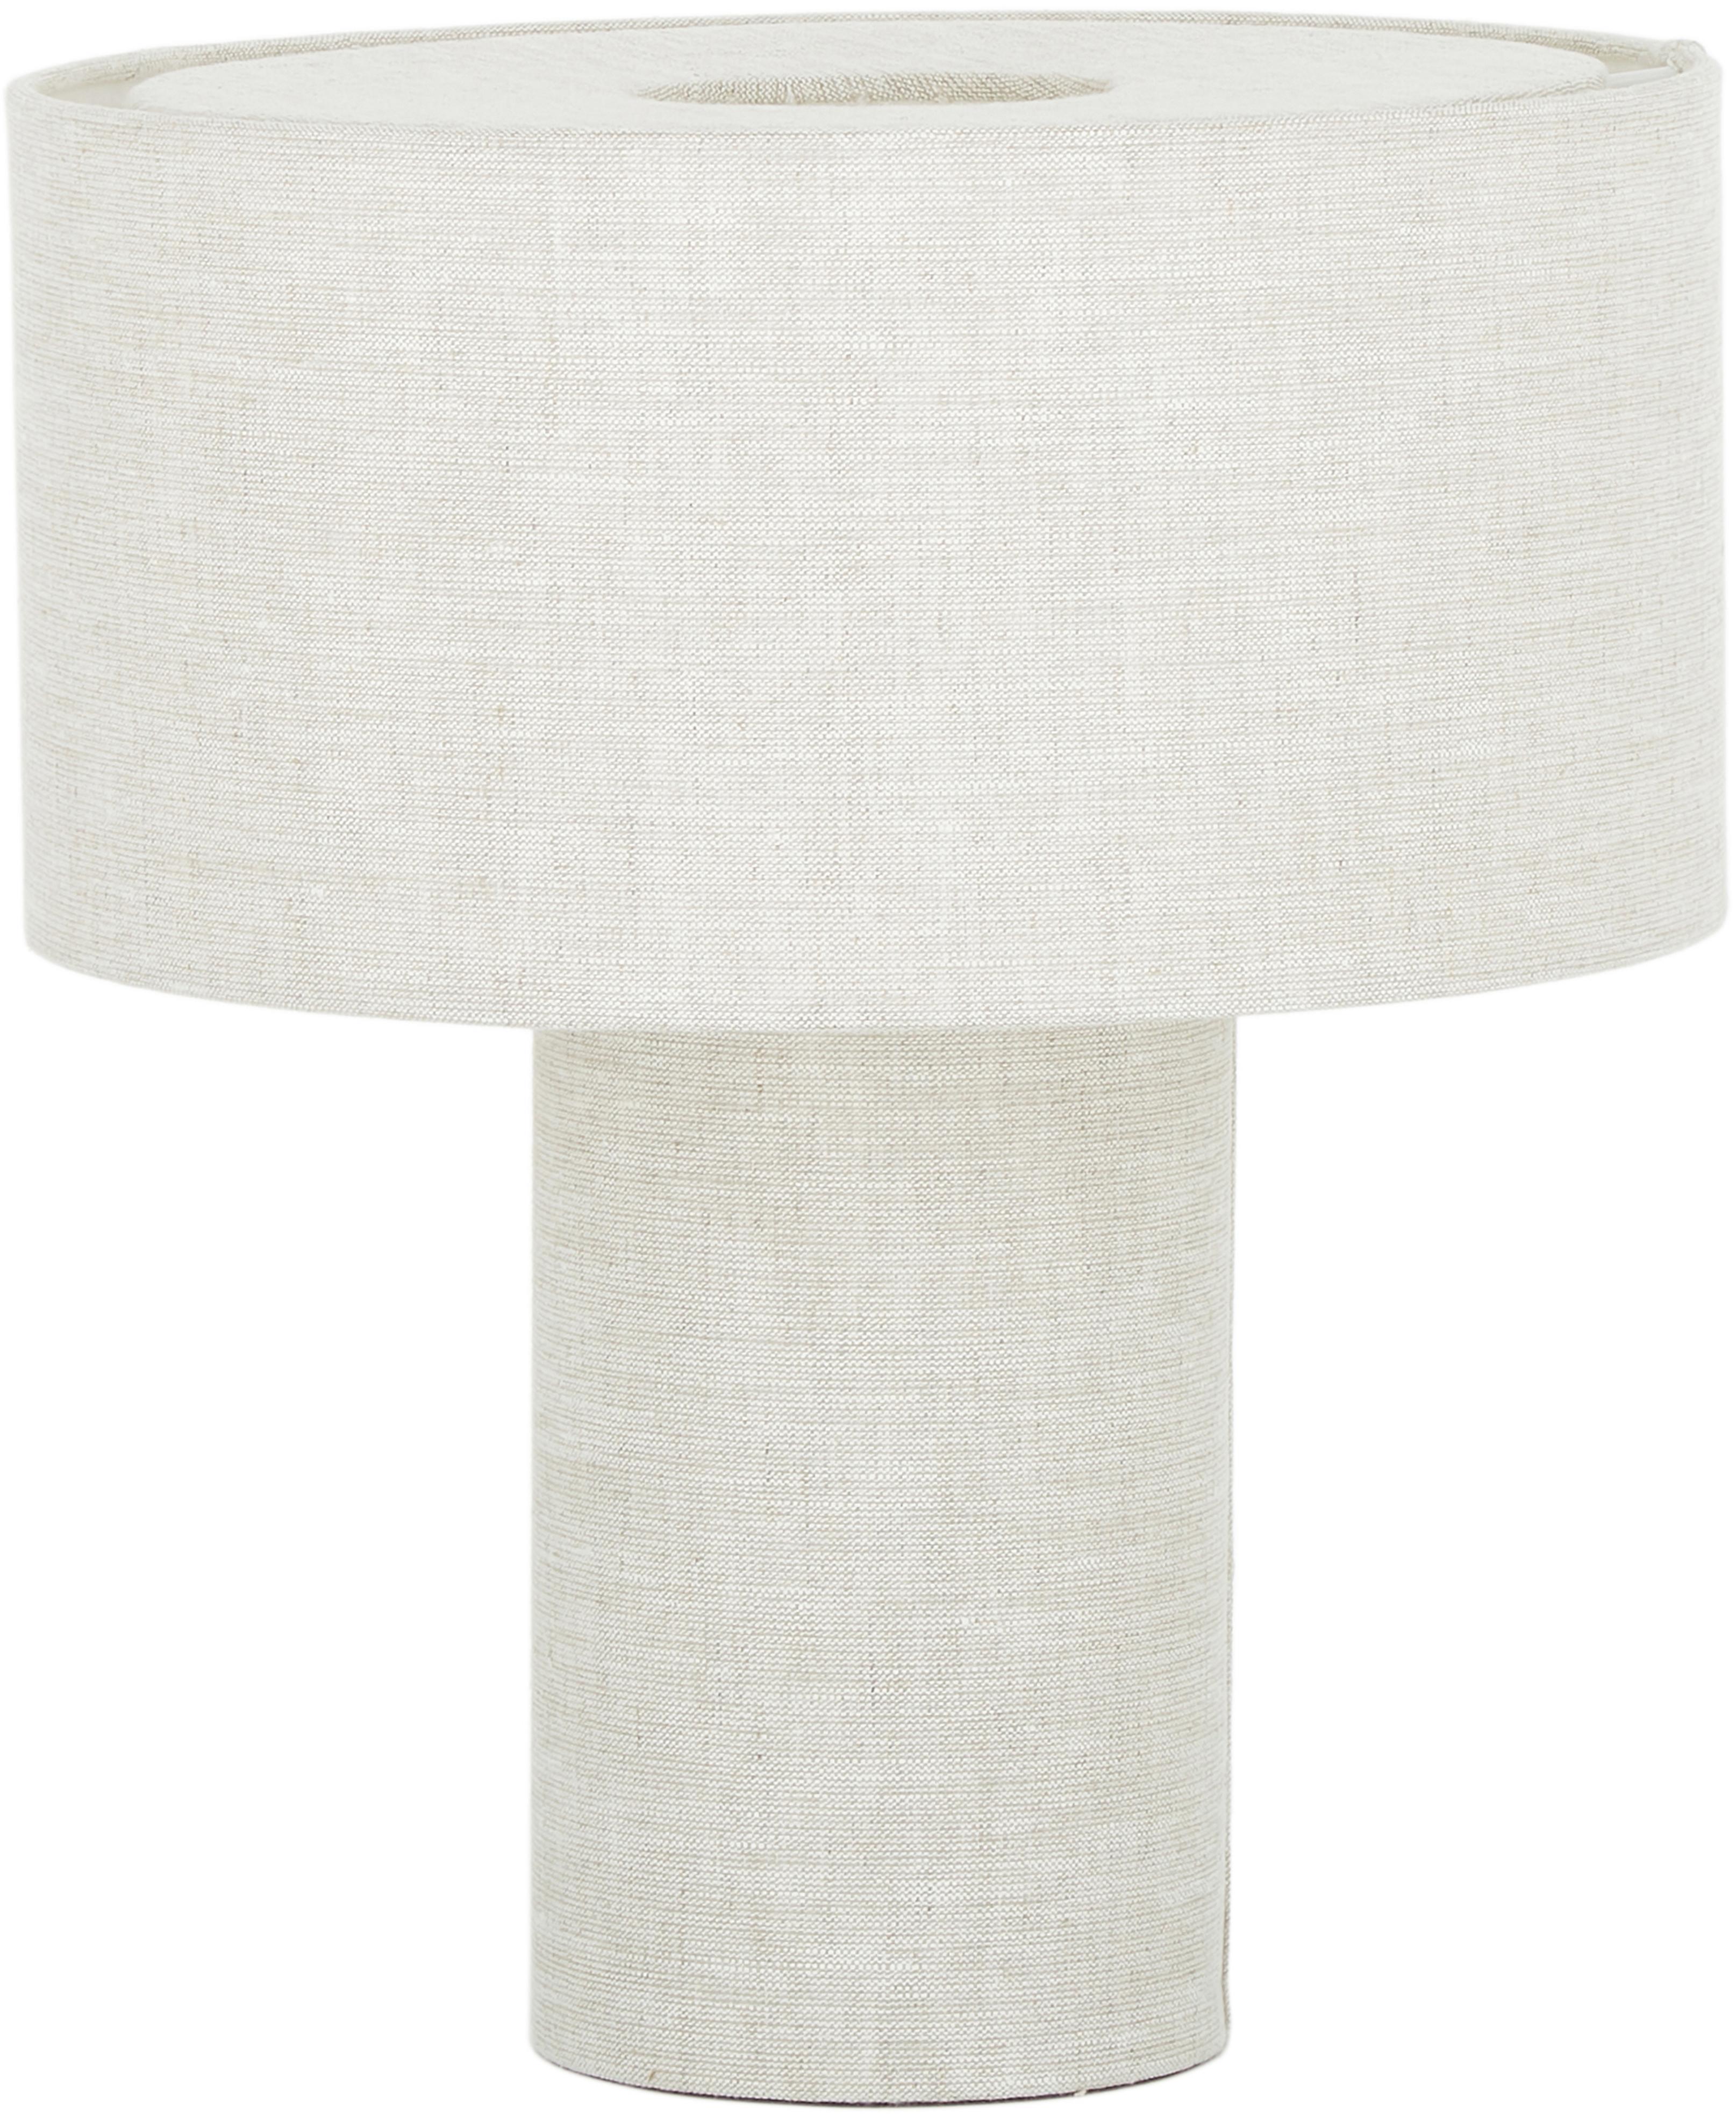 Lámpara de mesa Ron, Pantalla: tela, Cable: cubierto en tela, Beige, Ø 30 x Al 35 cm